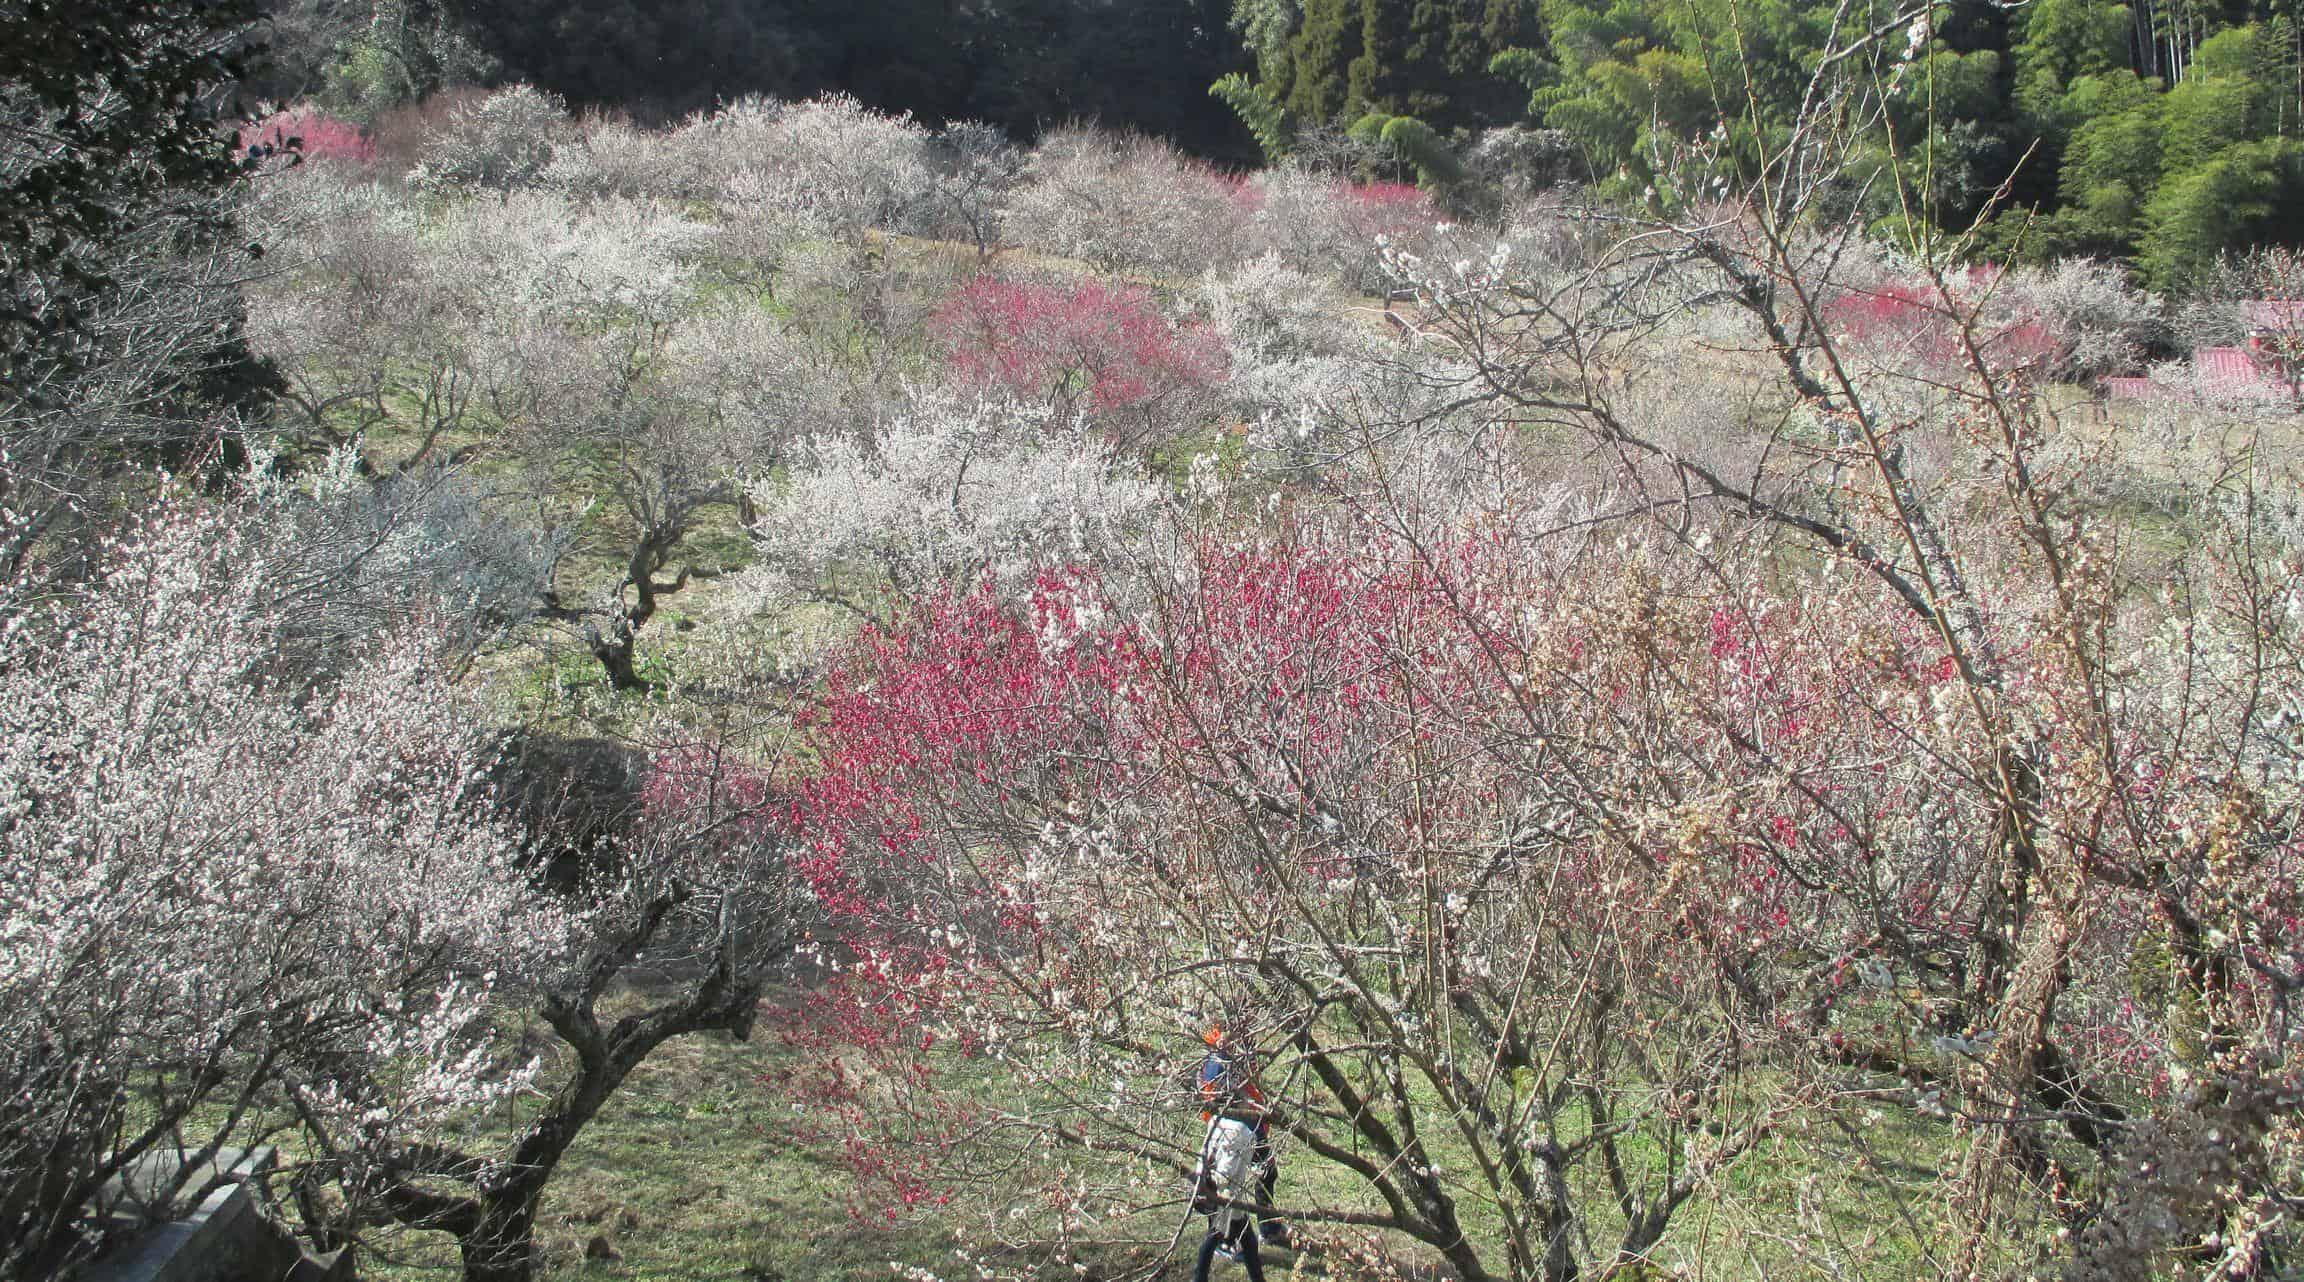 สวนดอกบ๊วยมิฟุเนะกาโอกะ (Mifunegaoka Plum Garden)